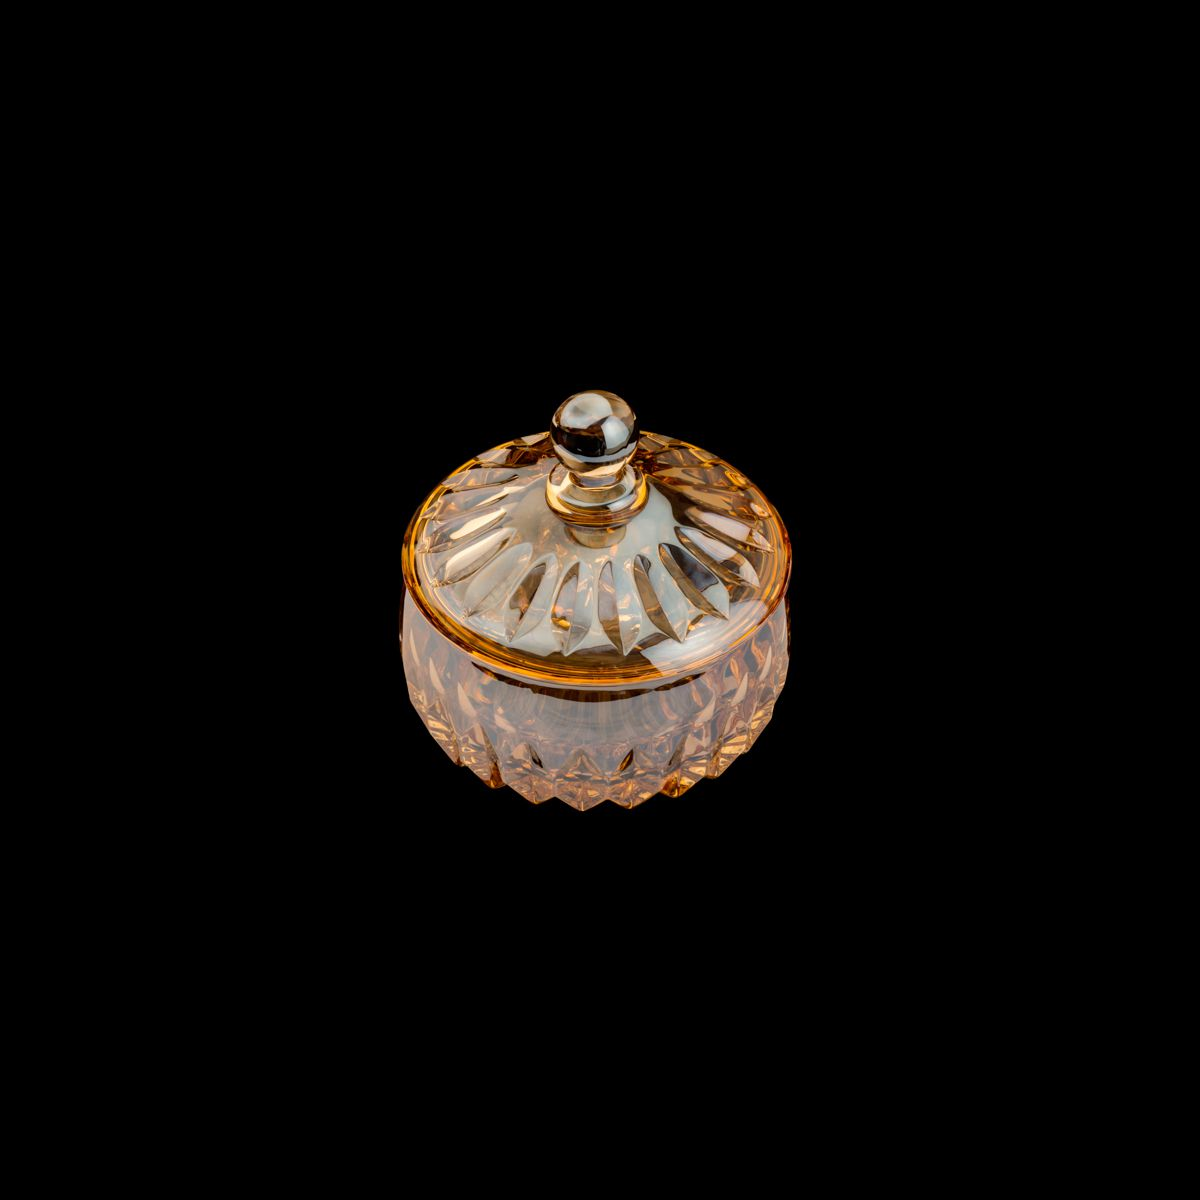 Bomboniere 11 cm de cristal âmbar com tampa Louise Wolff - 35196